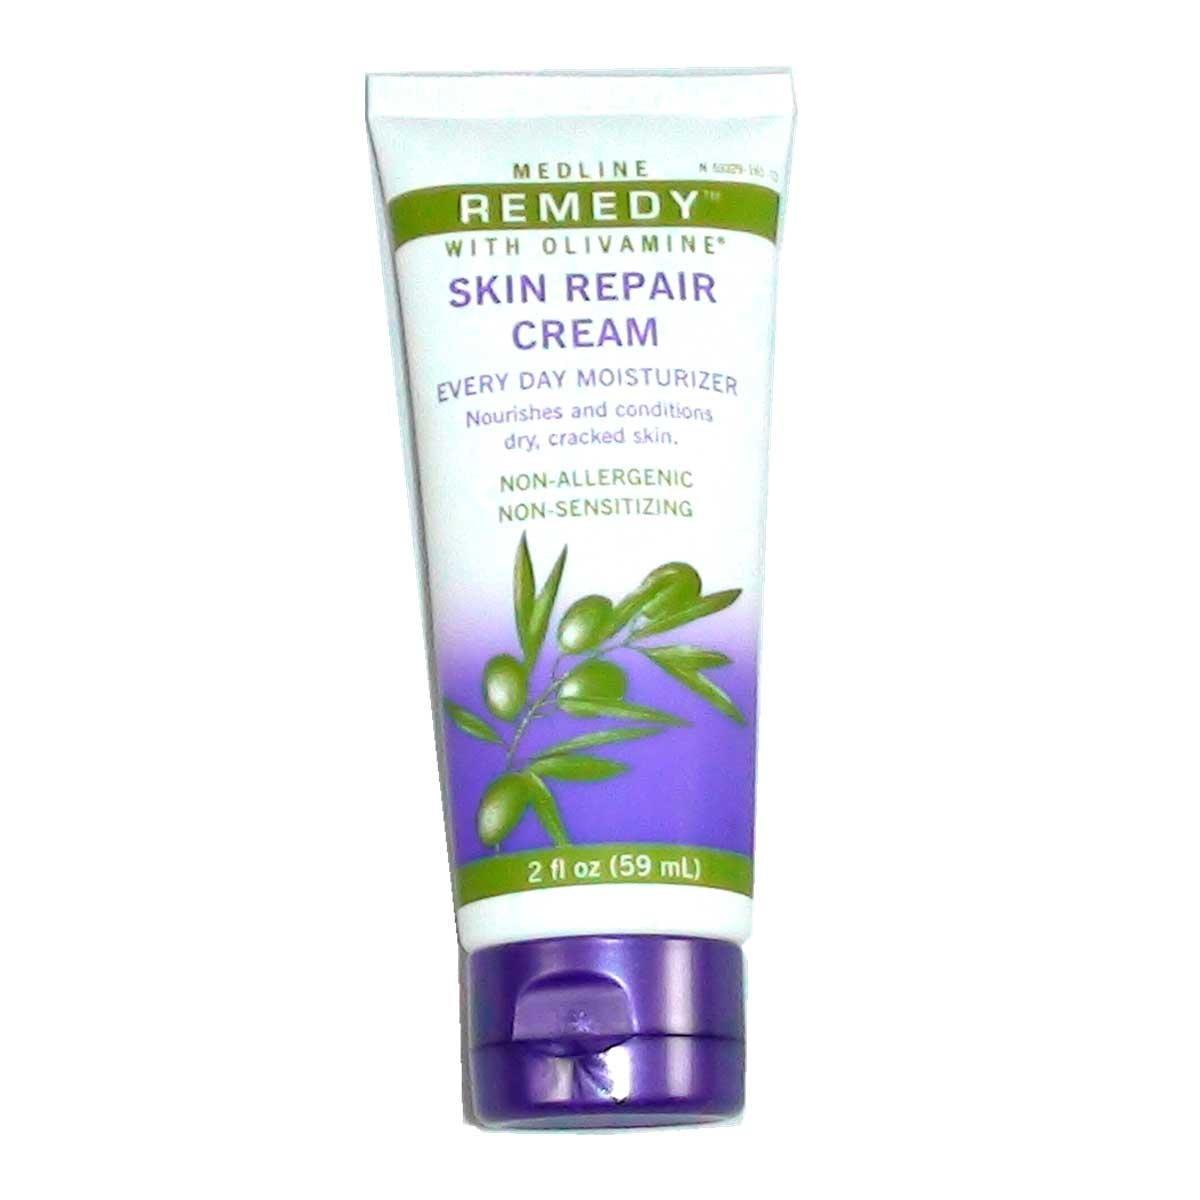 Remedy Skin Repair 4 oz Tube - Pack of 3 Tubes